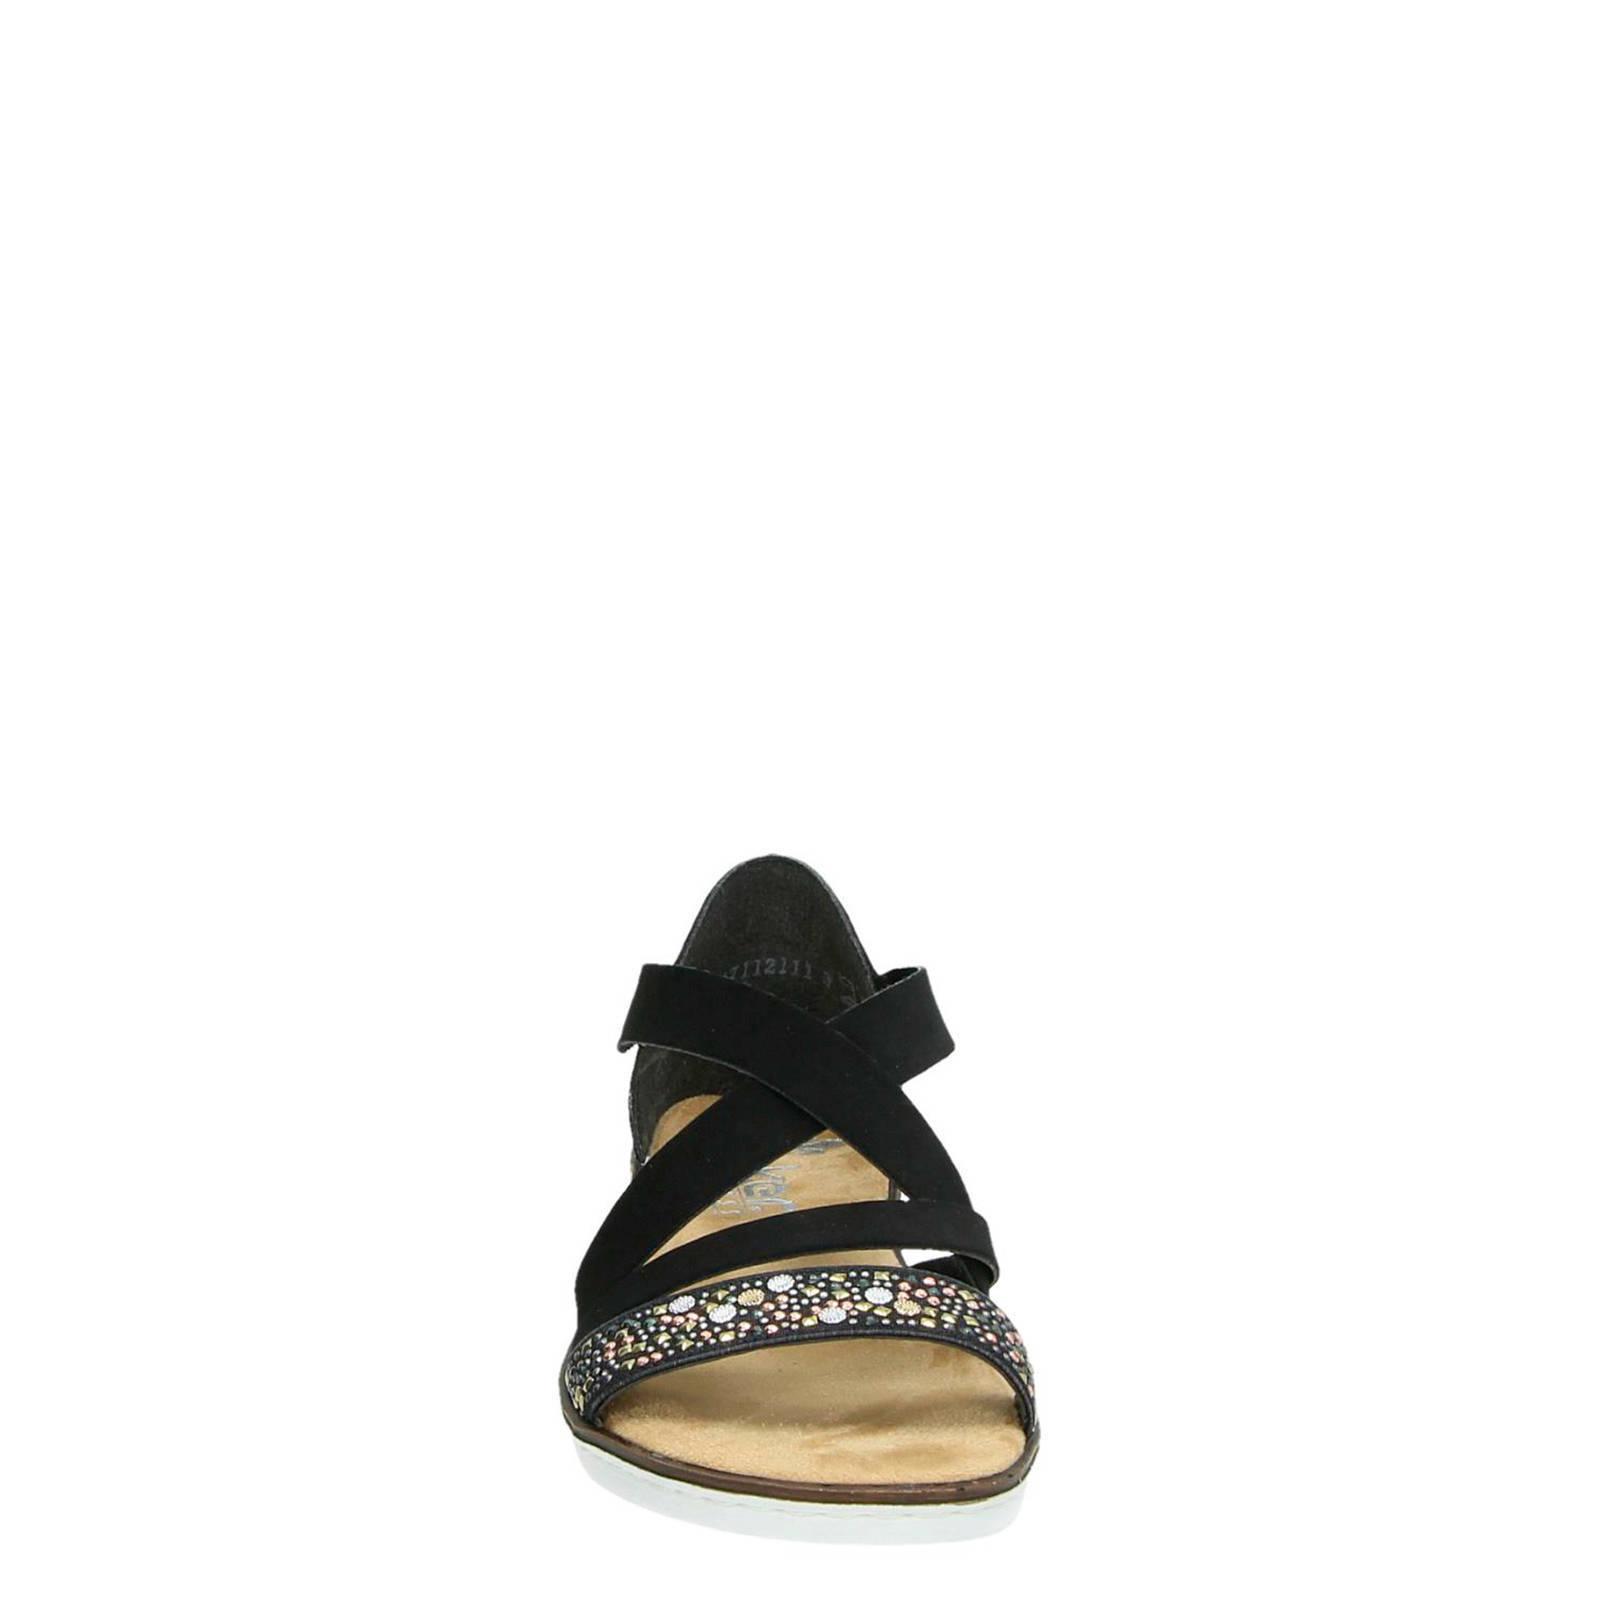 Rieker sandalen zwart | wehkamp